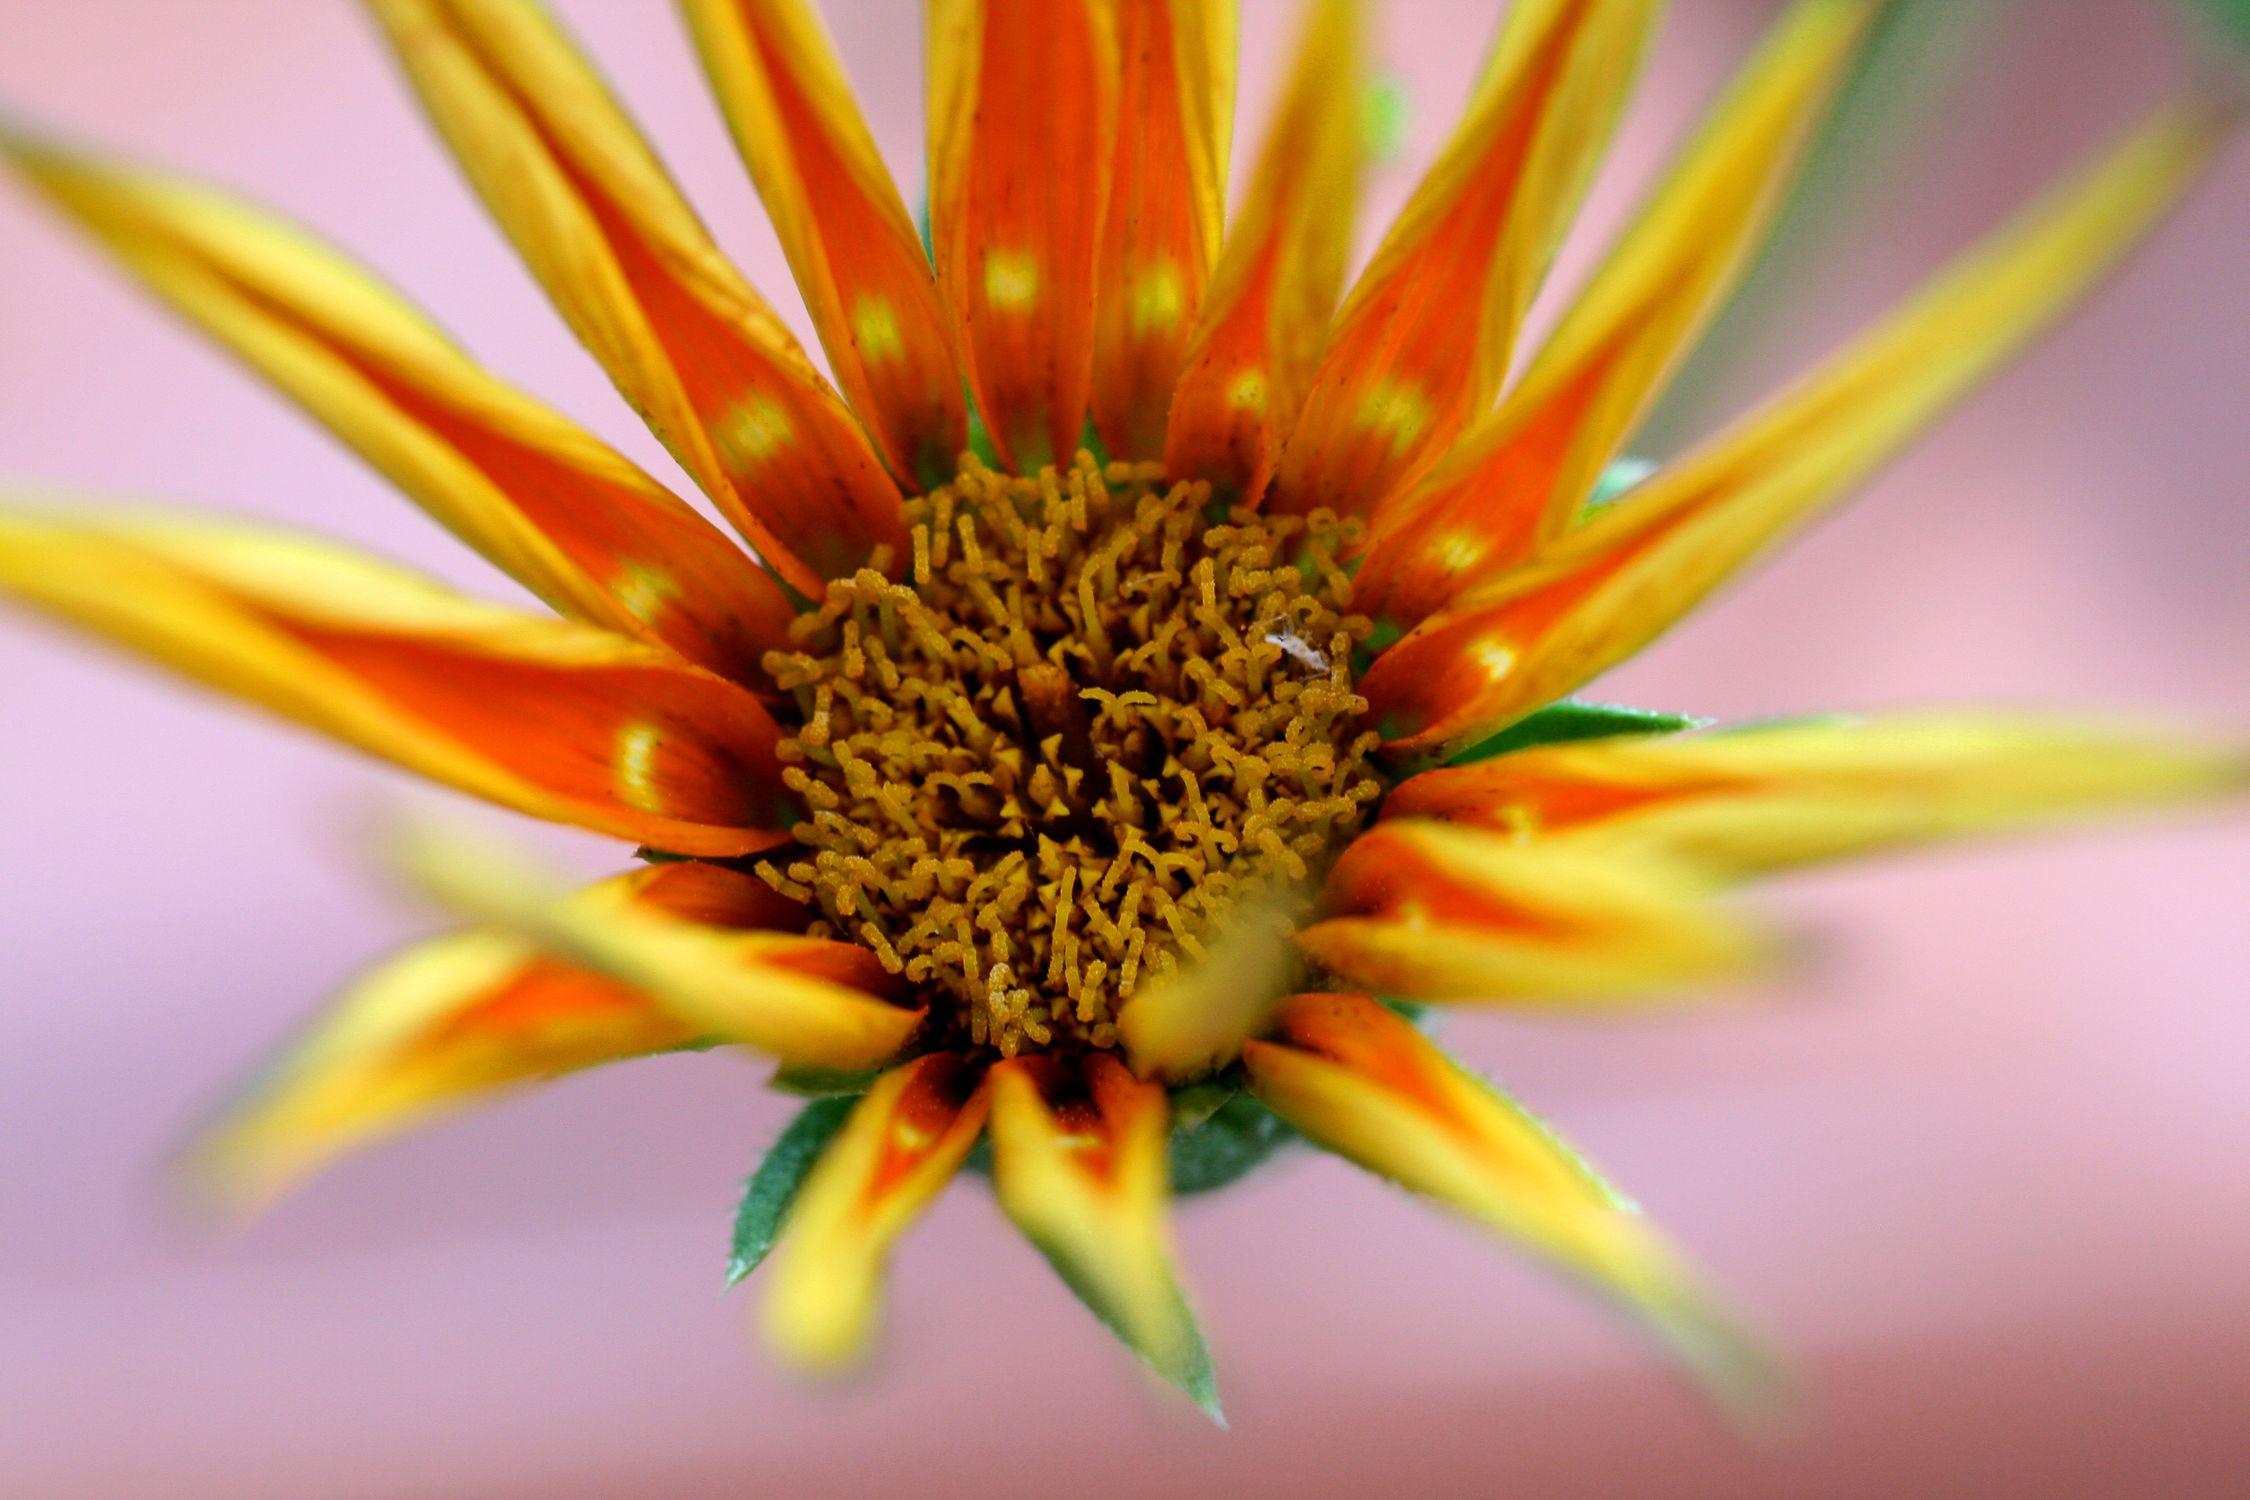 Bild mit Farben, Orange, Gelb, Natur, Pflanzen, Blumen, Blume, Pflanze